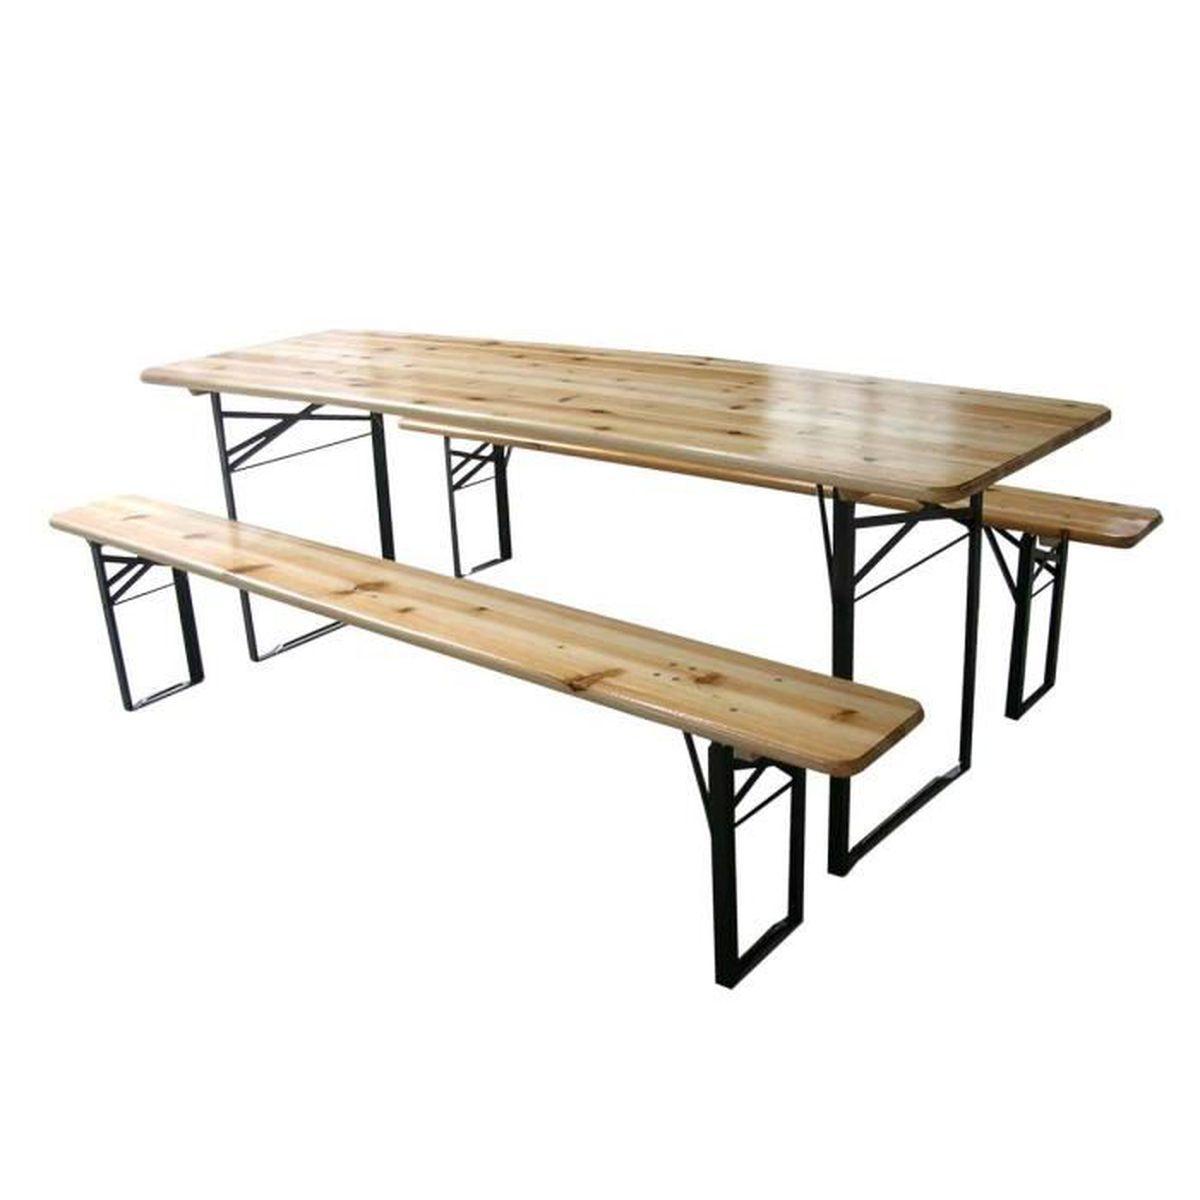 Table Et Bancs Pliables Bois 180cm Lot De 5 Achat Vente Salon